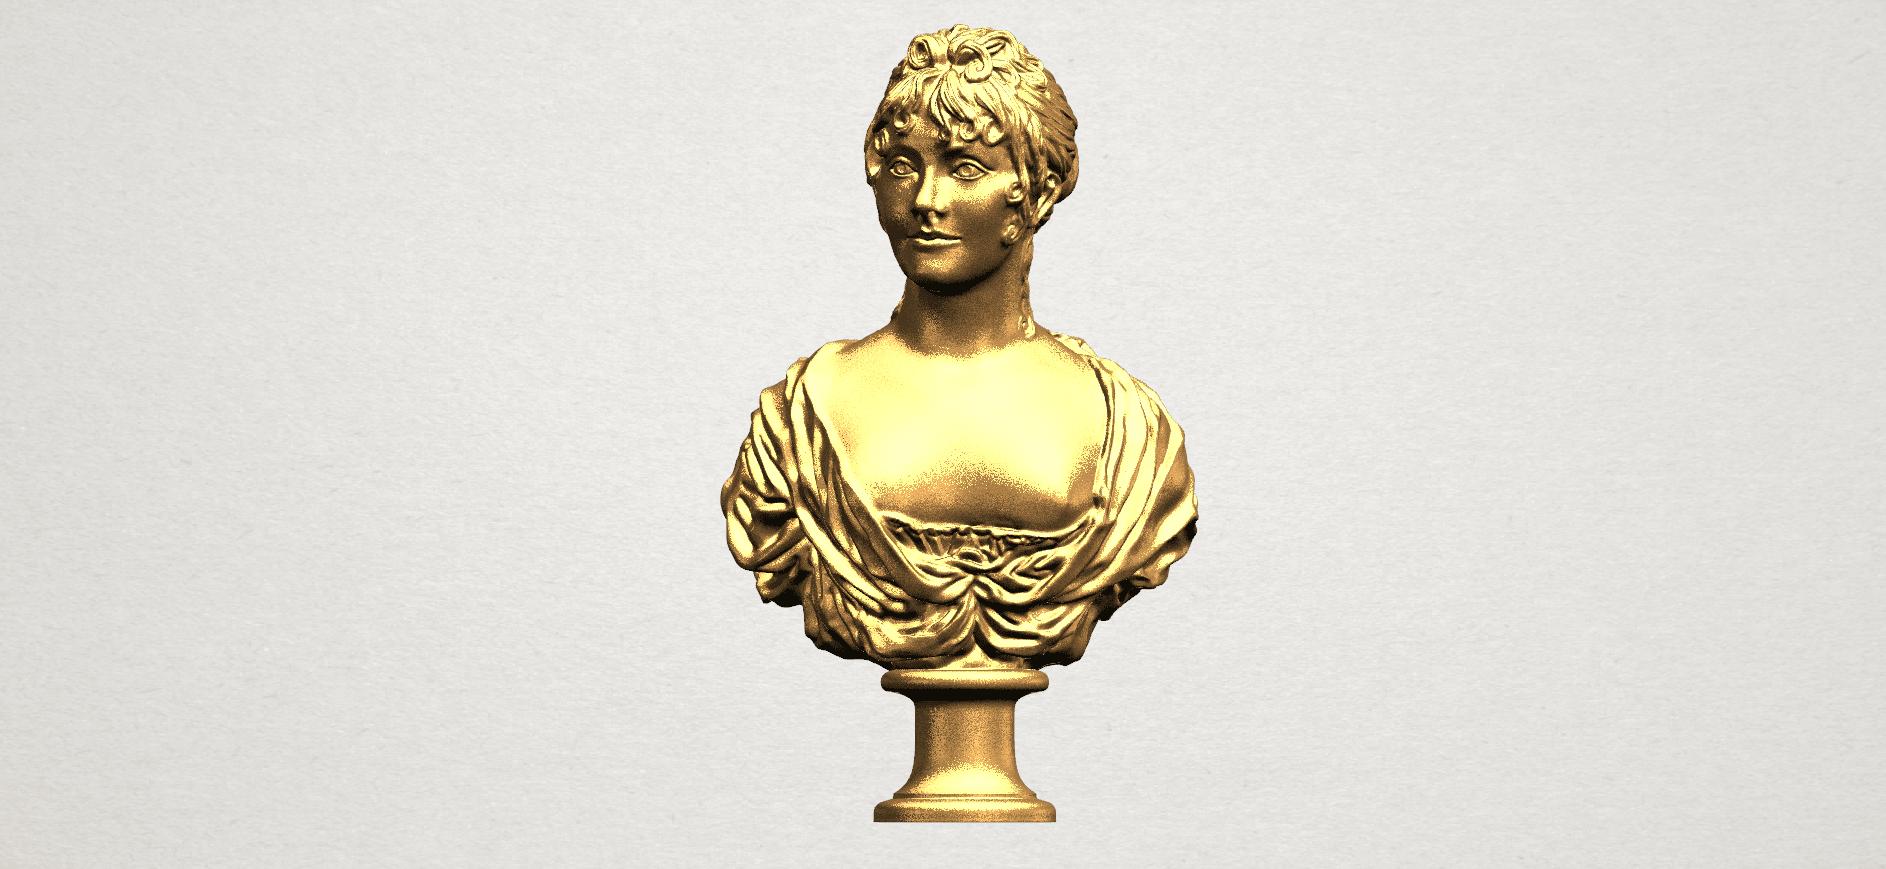 Bust of a girl 01 A01.png Télécharger fichier STL gratuit Buste d'une fille 01 • Modèle à imprimer en 3D, GeorgesNikkei